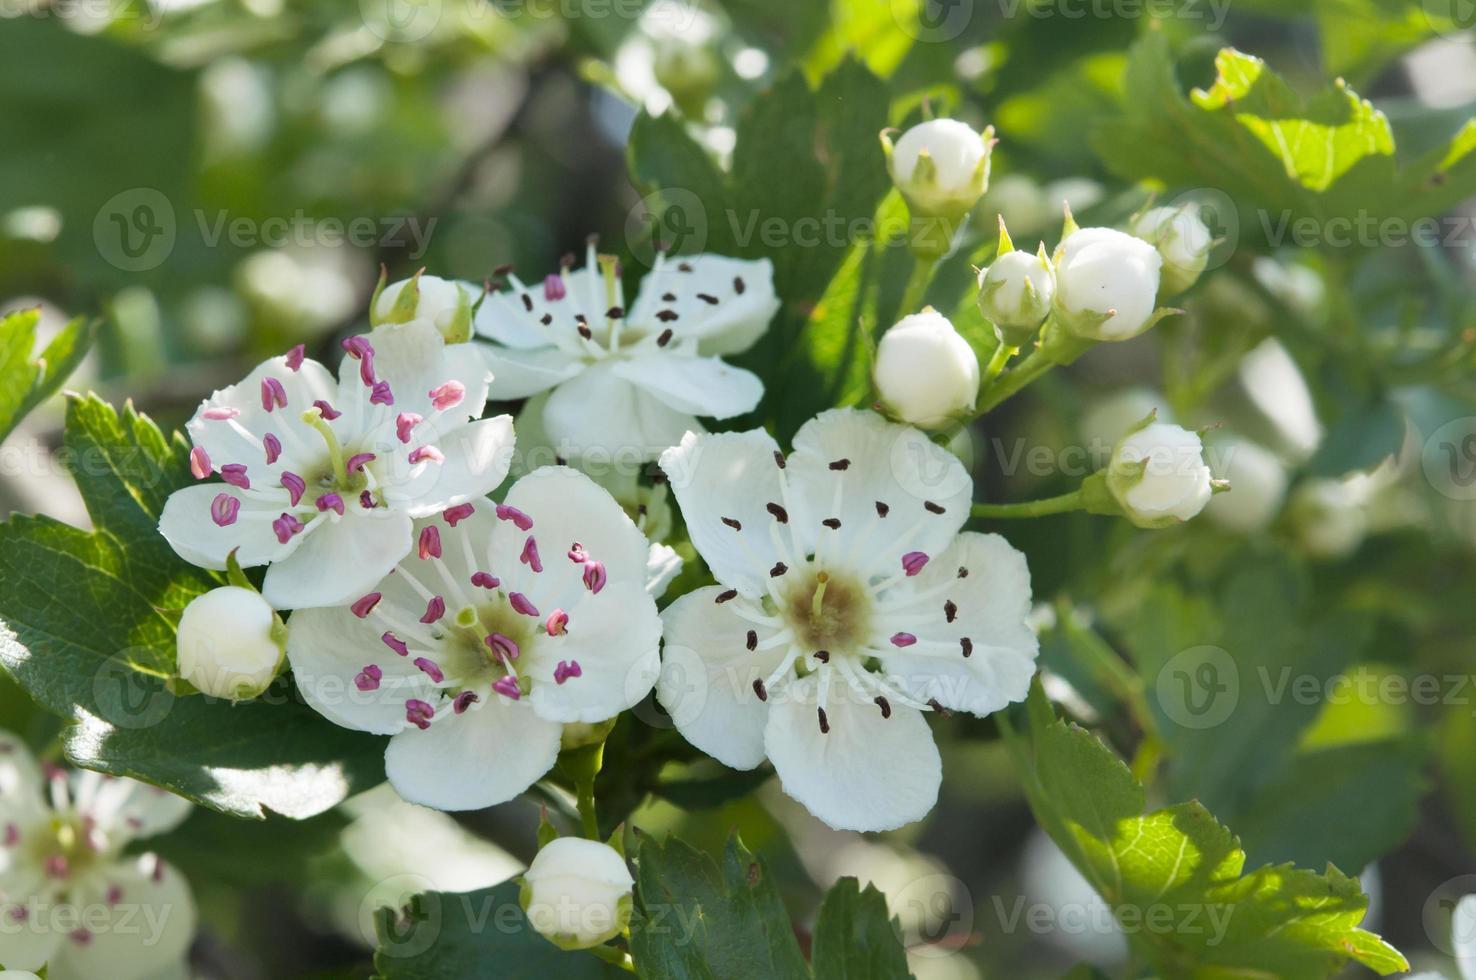 flores de espinheiro close-up foto